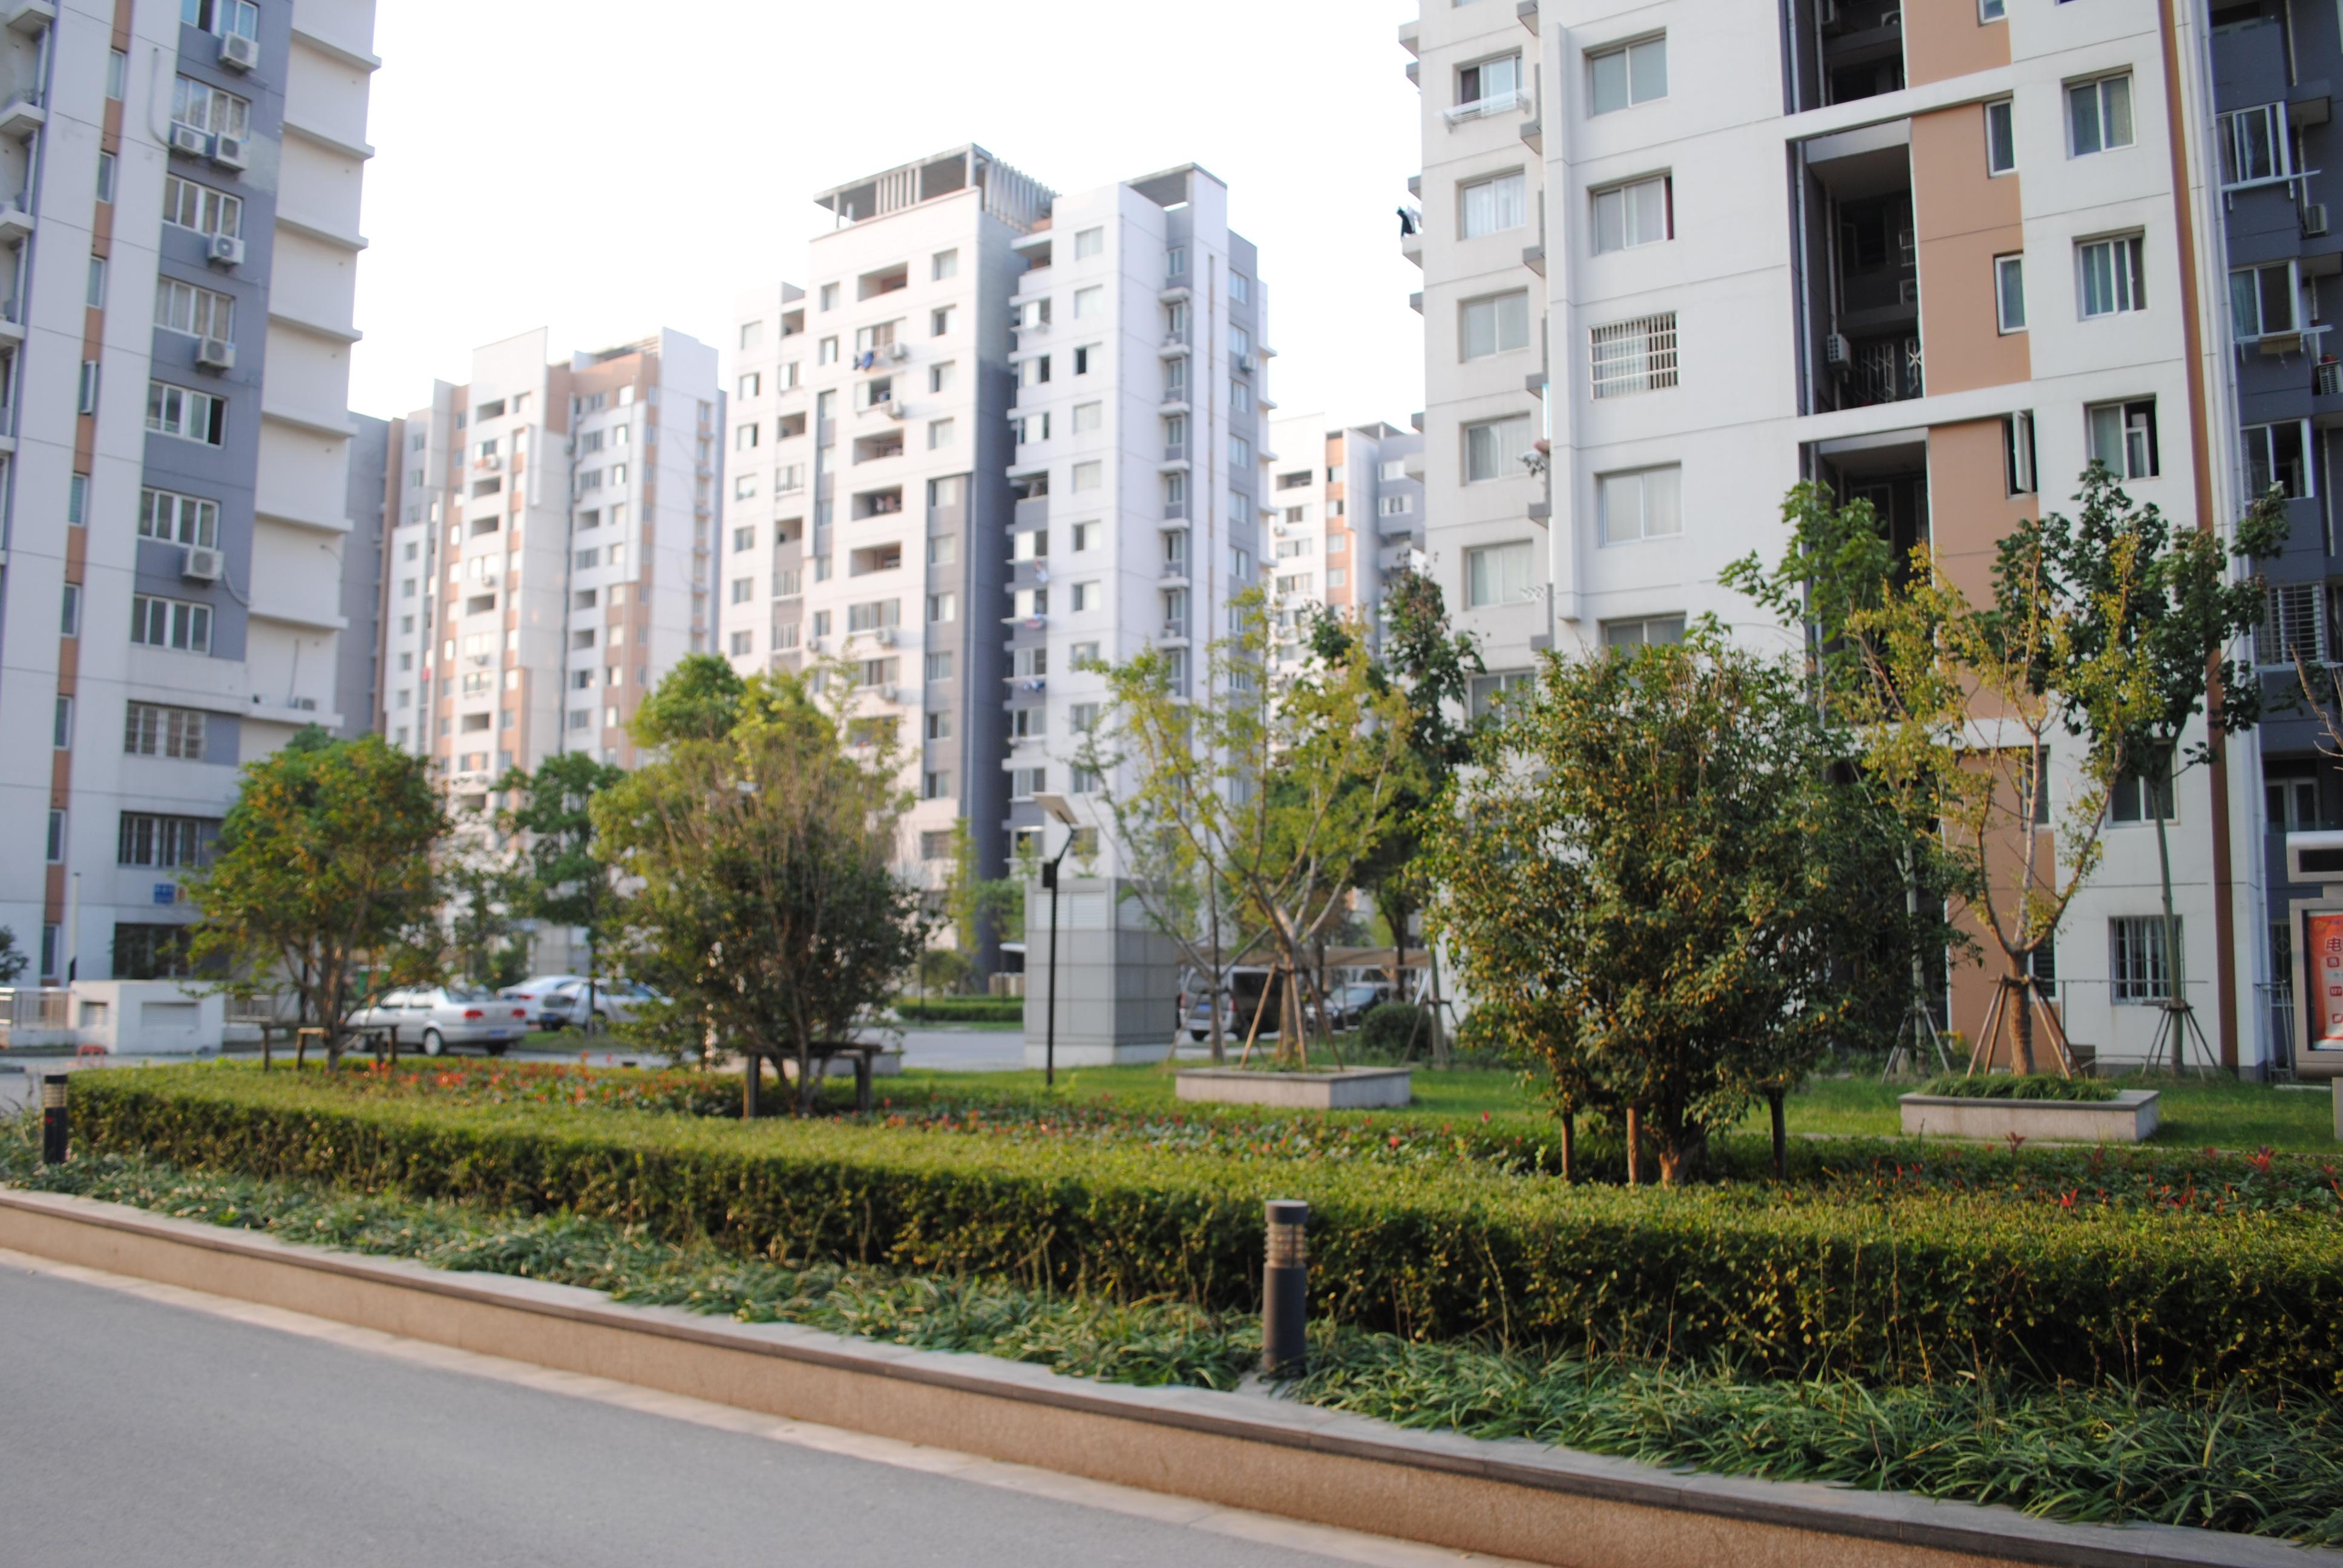 湖滨华城祥瑞苑 3室2厅1卫 103平方米 143万出售